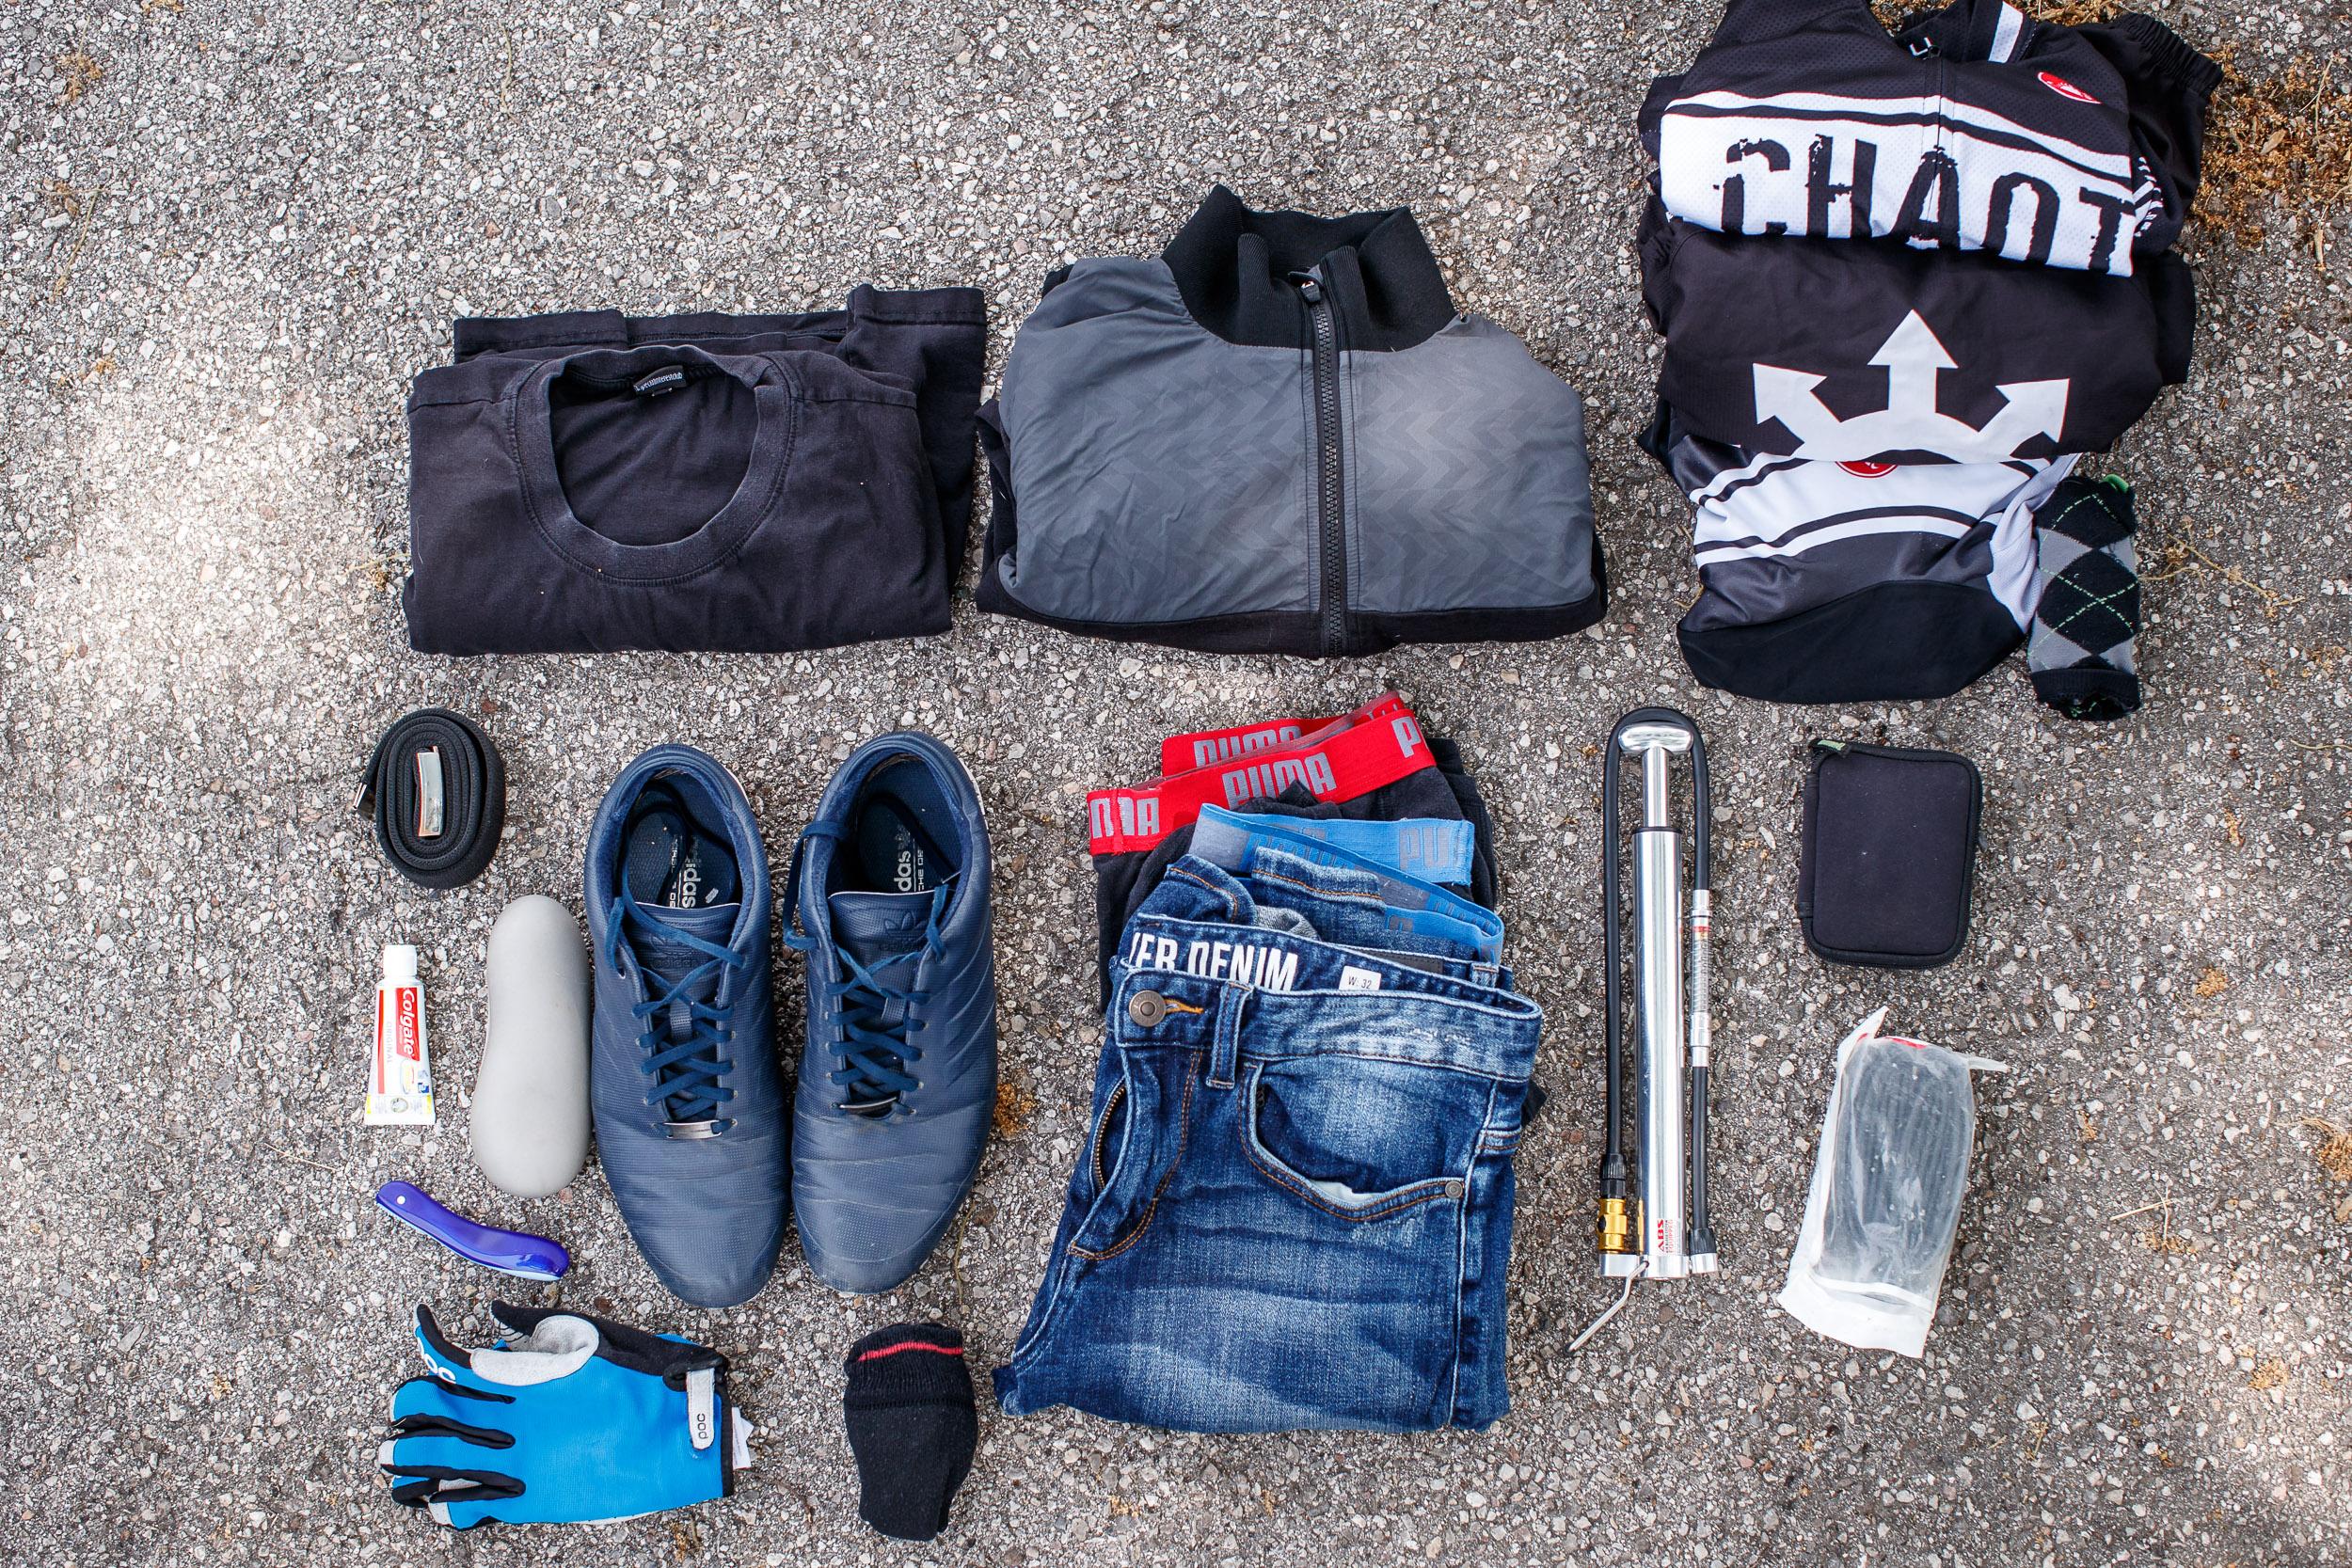 das alles wandert für eine 2-Tages-Tour in Oberrohr- und Satteltasche